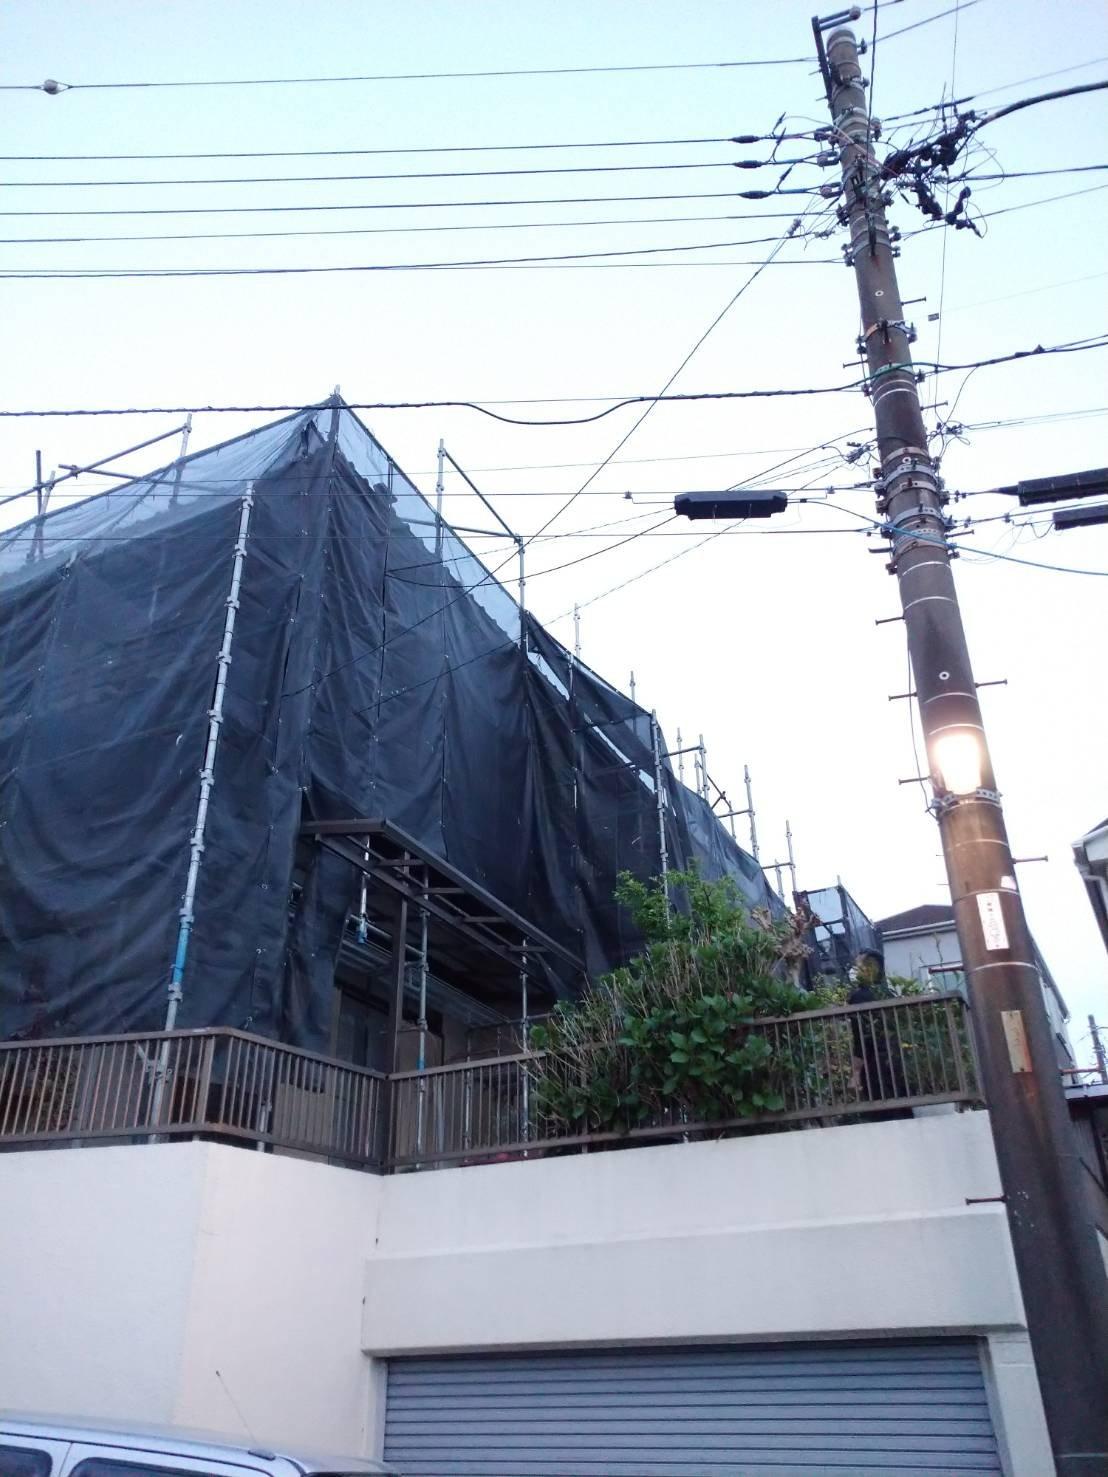 野崎工業 神奈川県横浜市栄区               足場工事施工事例                                         外壁塗装 雨樋交換工事